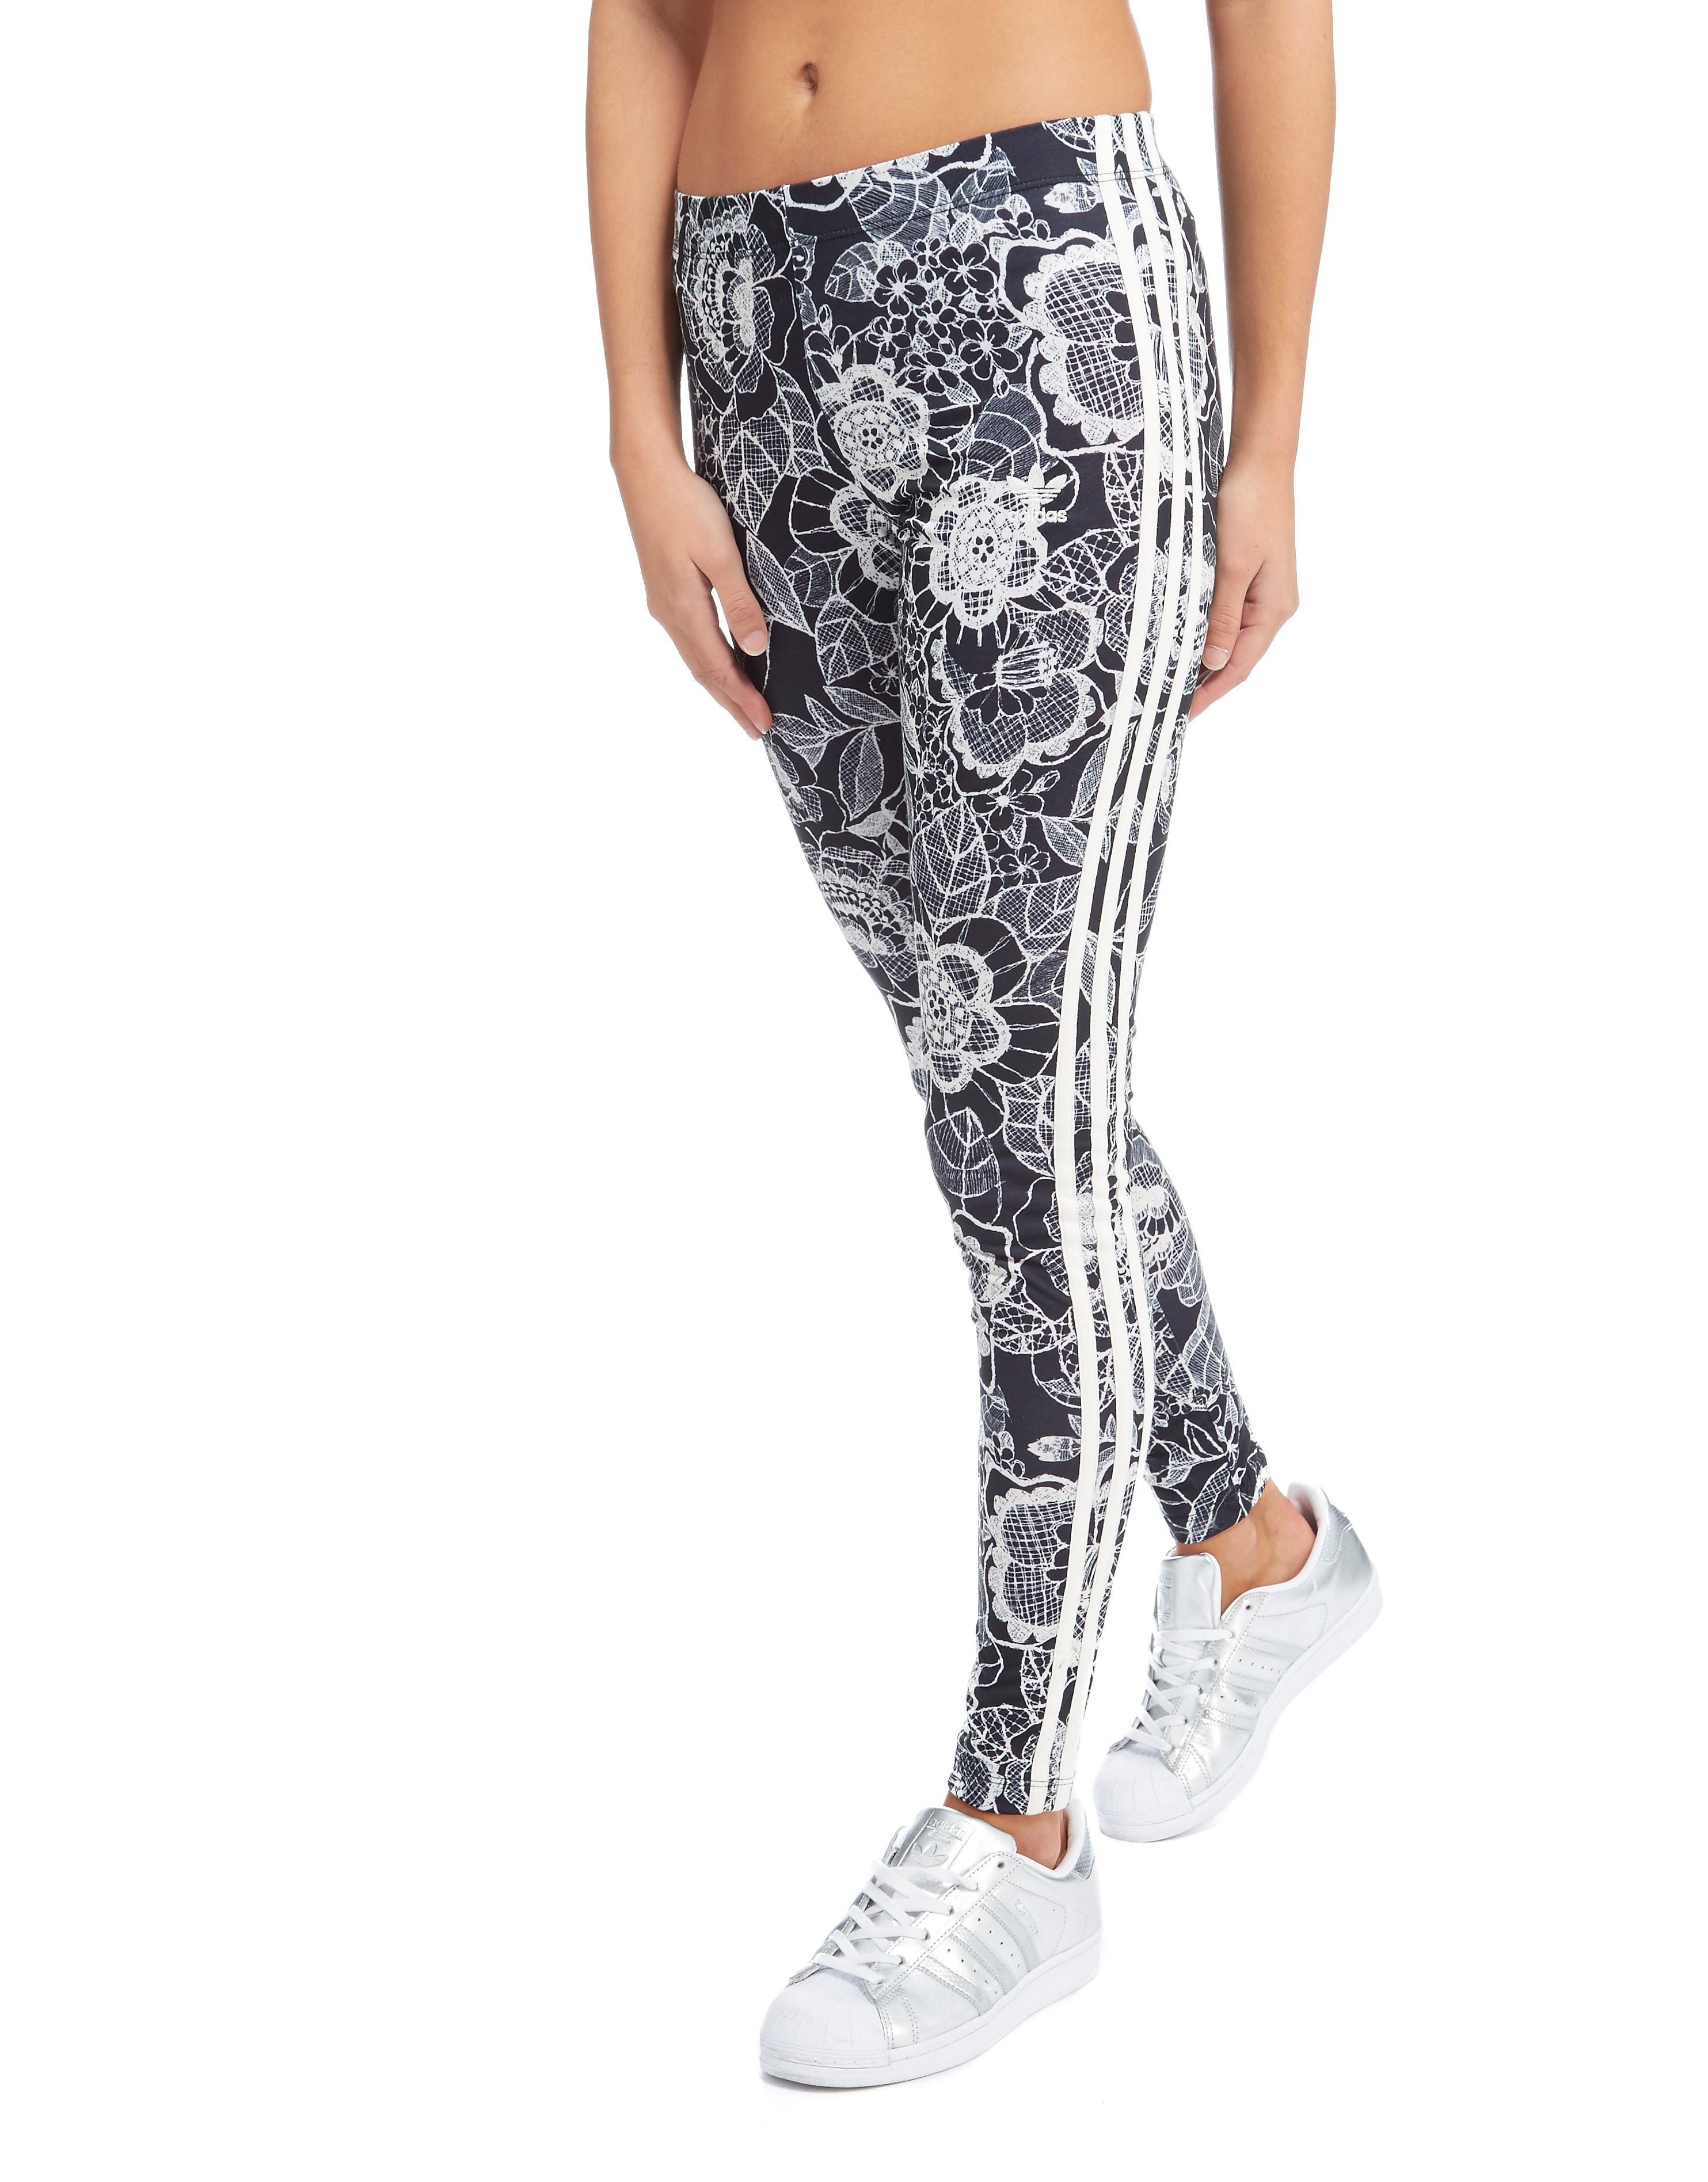 adidas Originals FARM Florido 3-Stripes Leggings